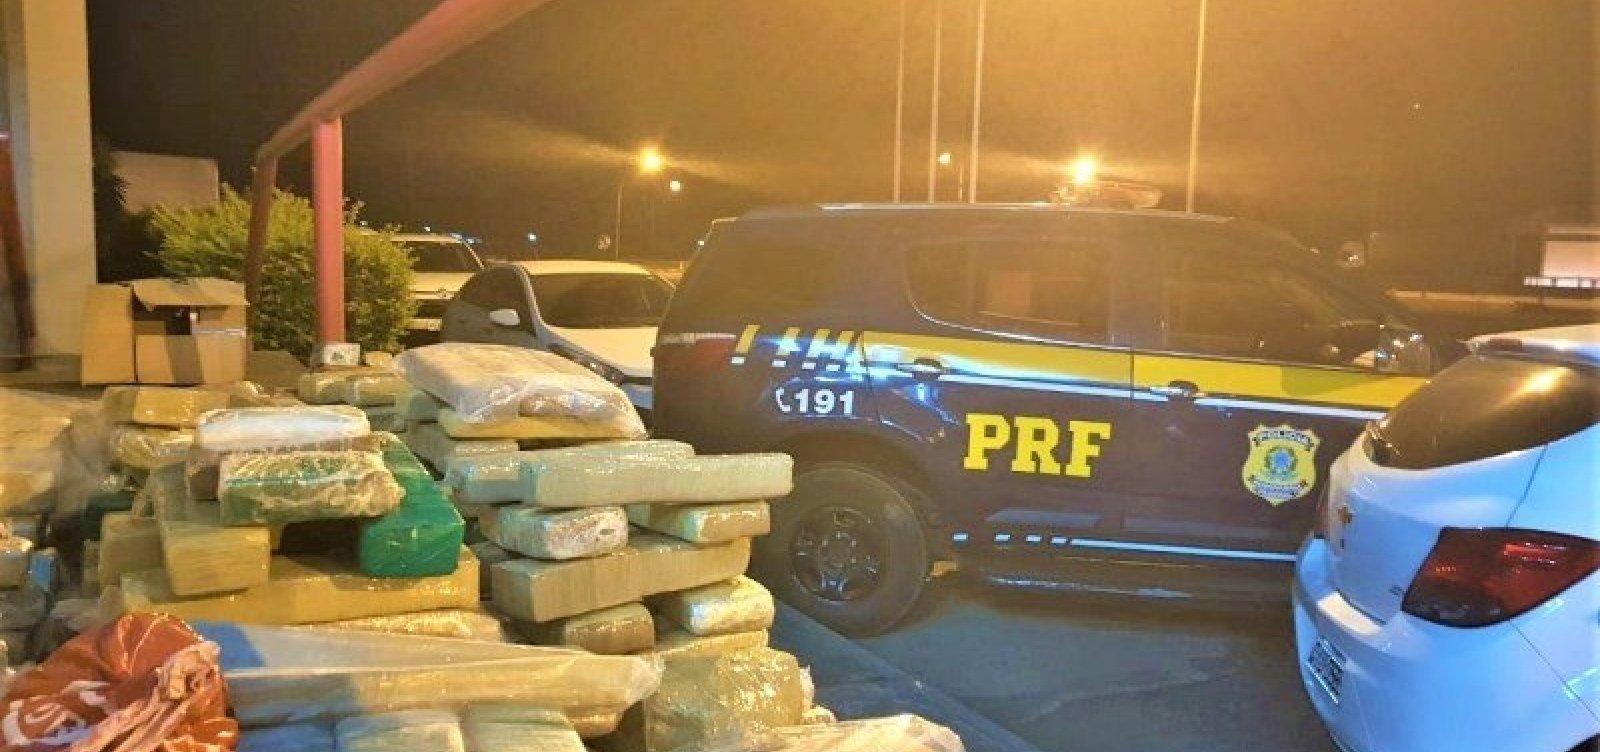 Após perseguição, PRF apreende 200 kg de maconha em carro na BR-116